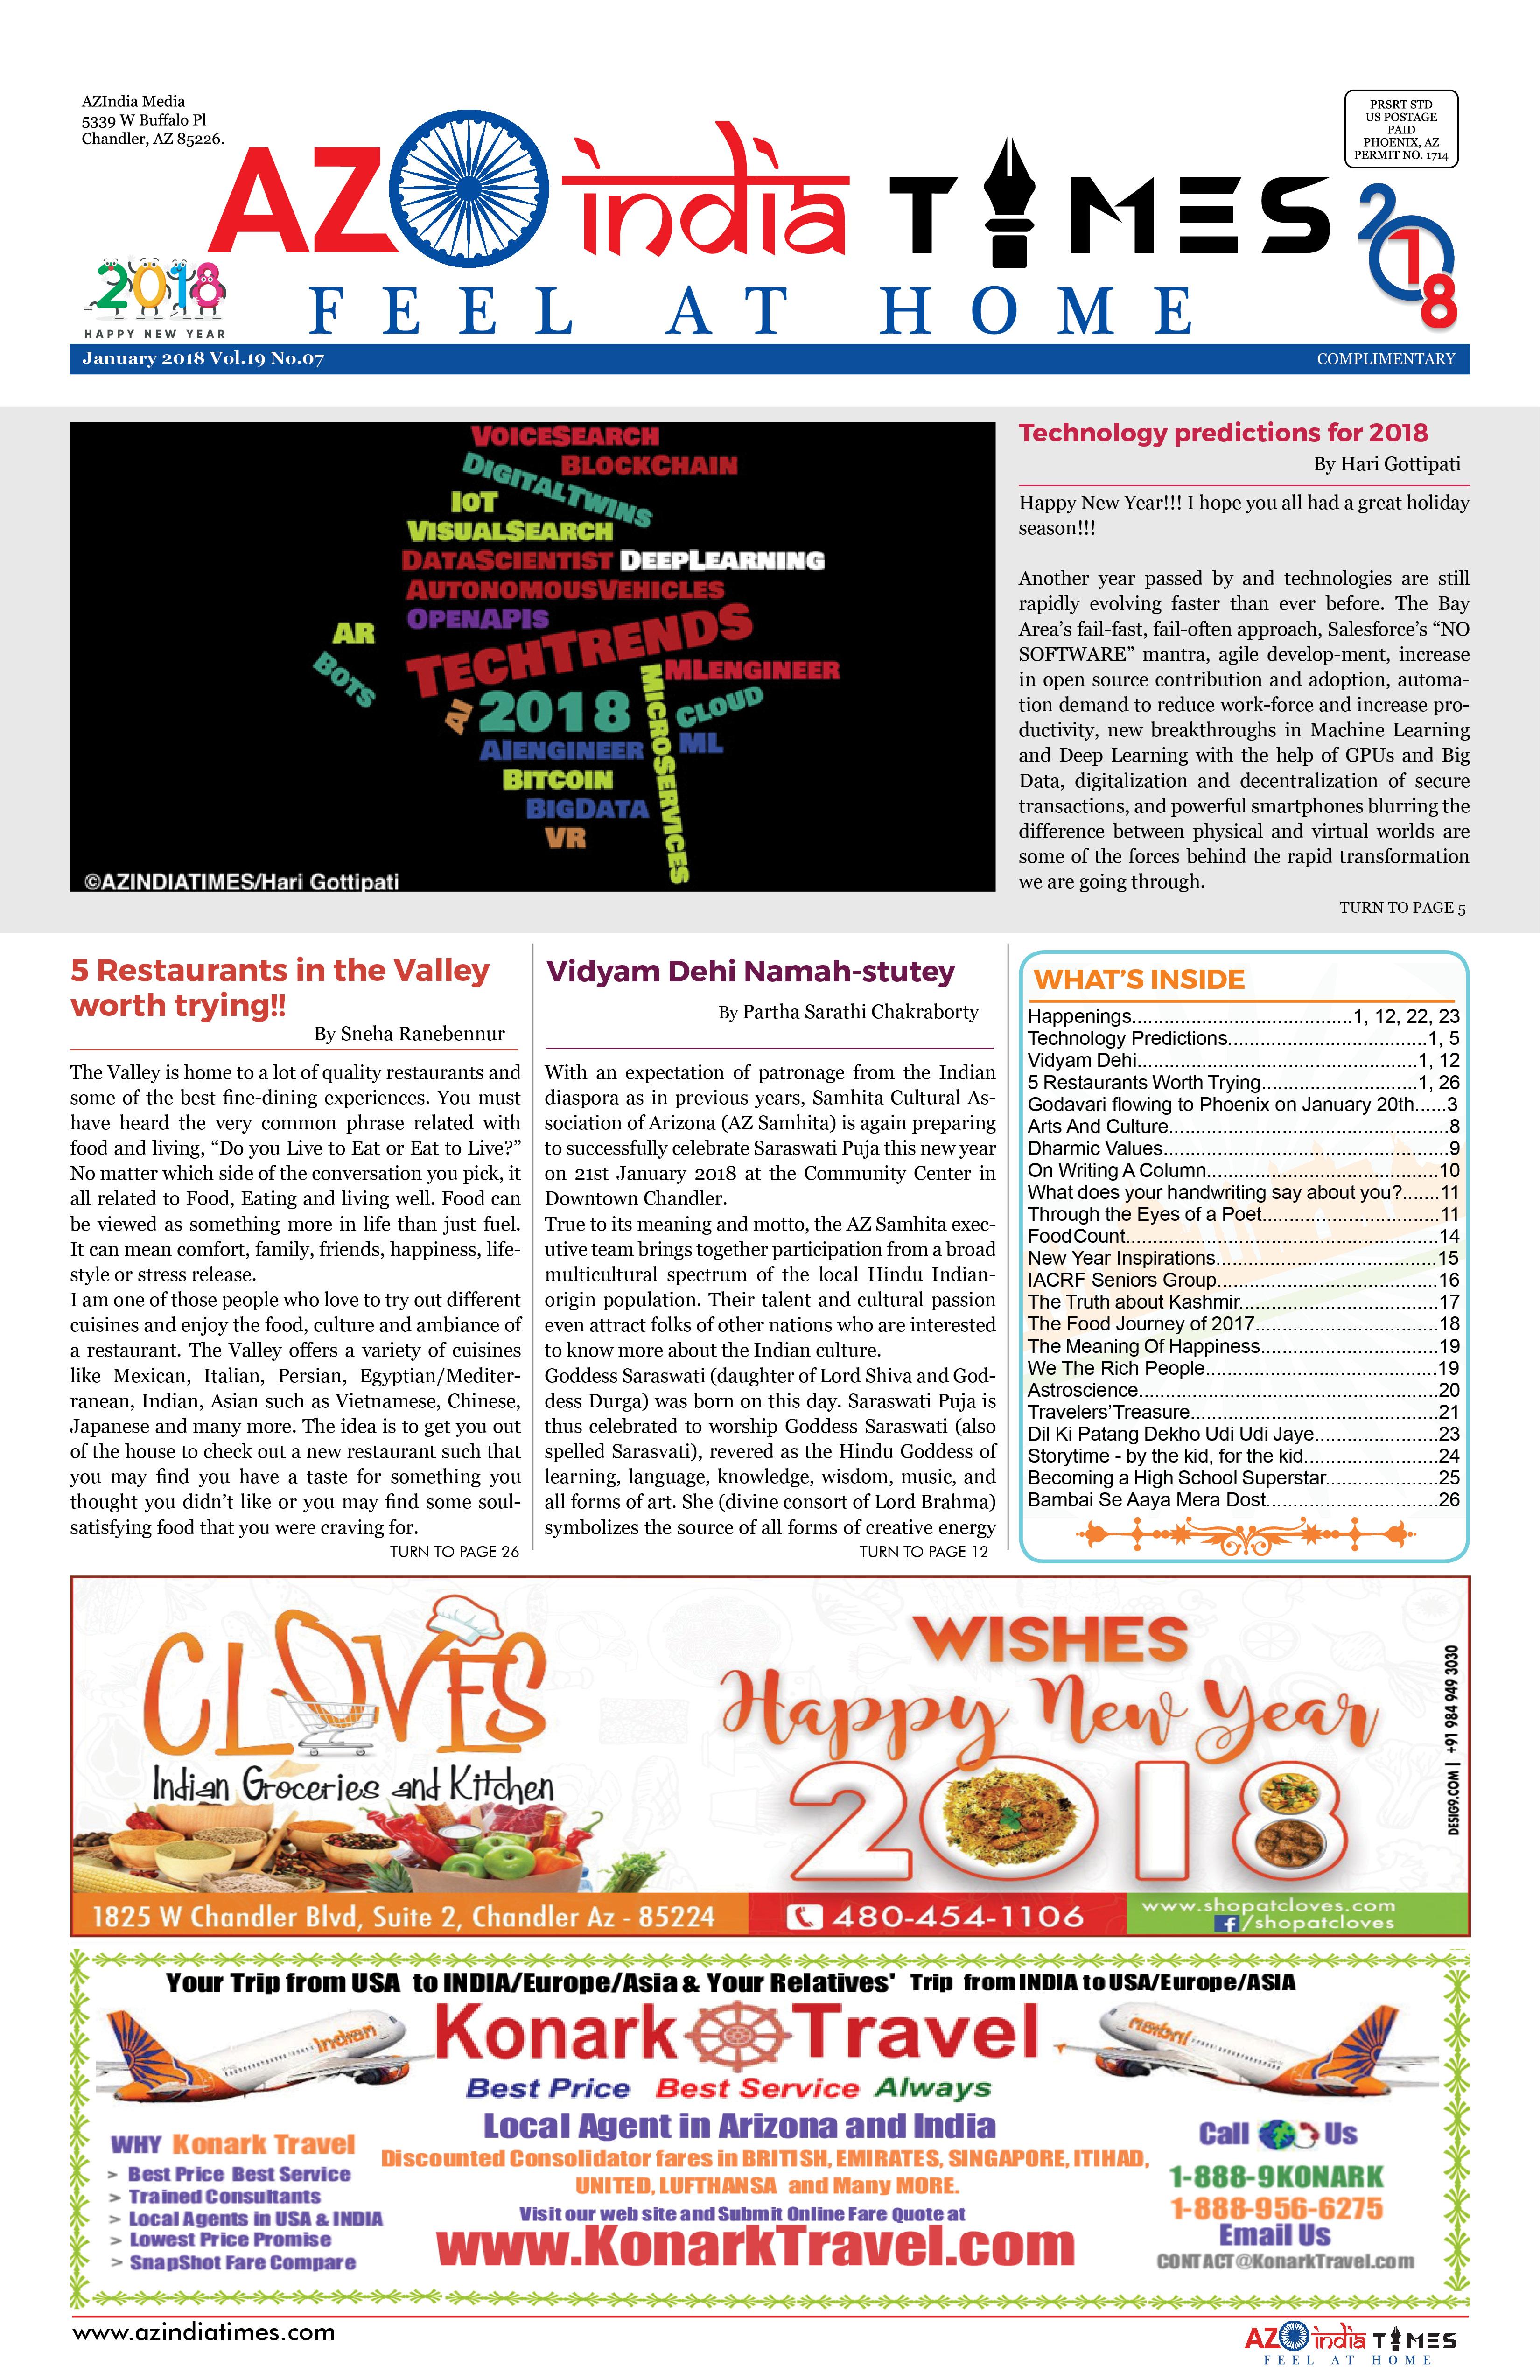 AZINIDA TIMES JANUARY EDITION